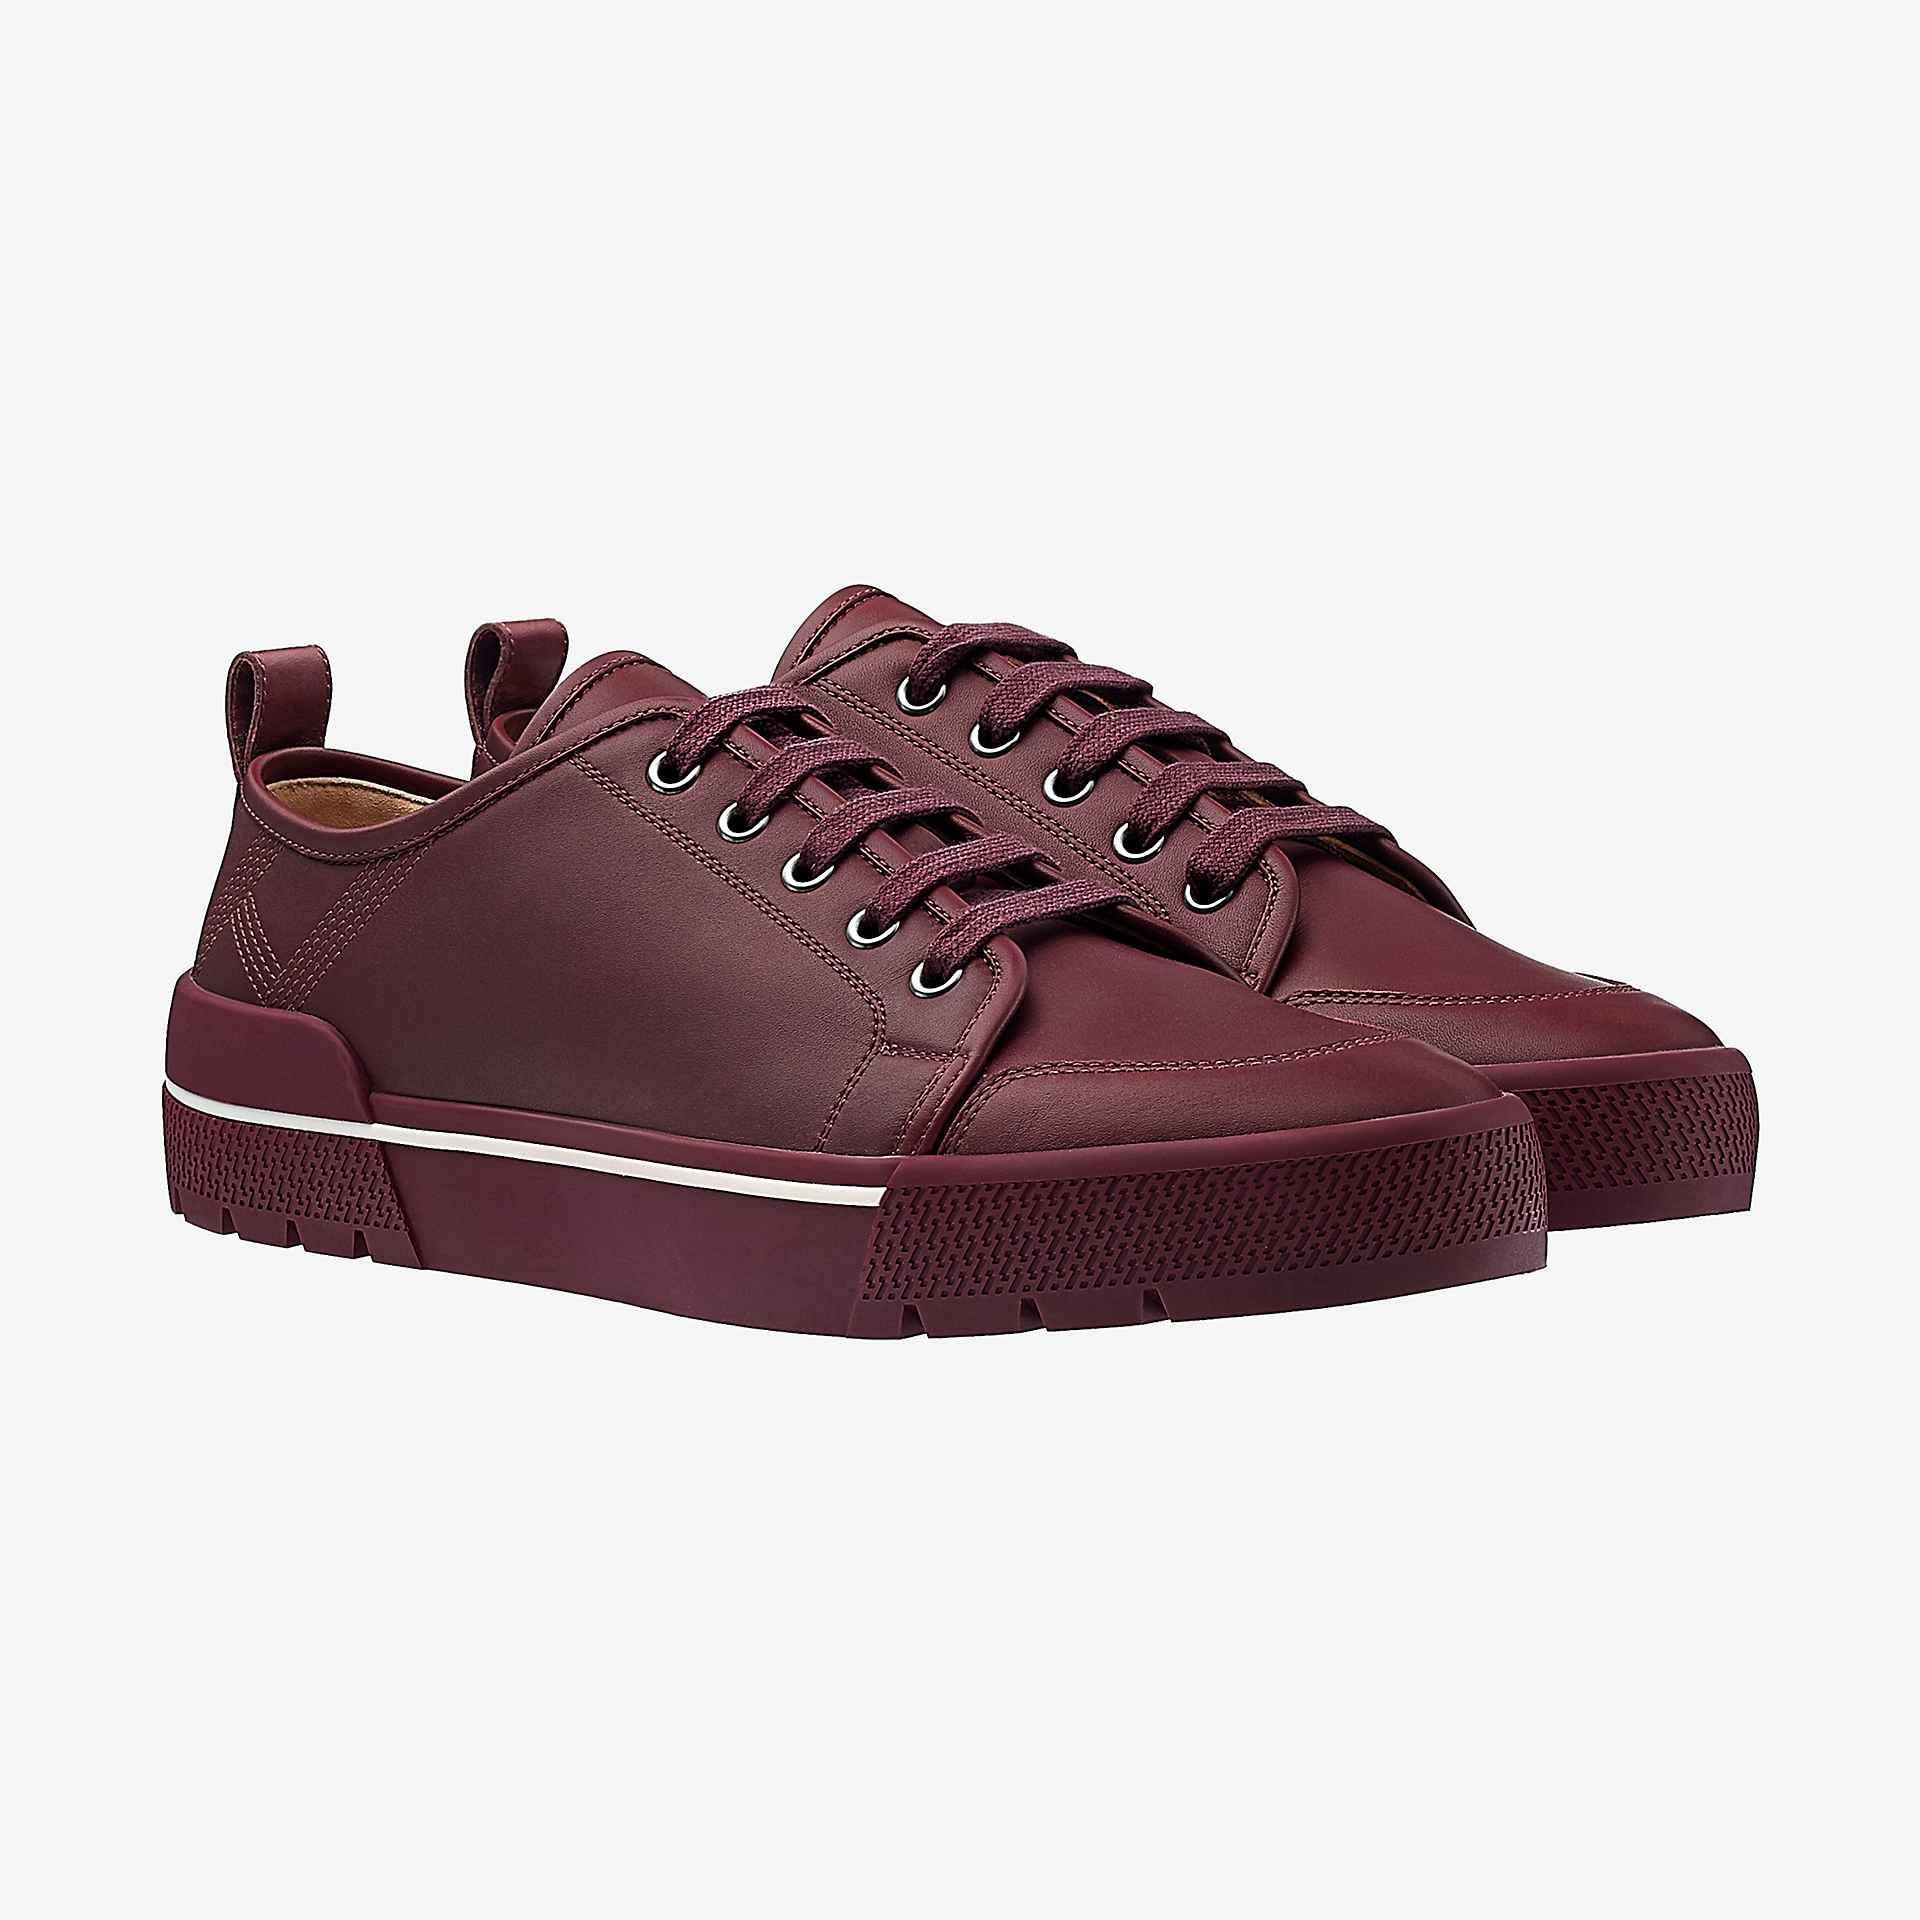 Smash sneaker | Sneakers, Hermes online